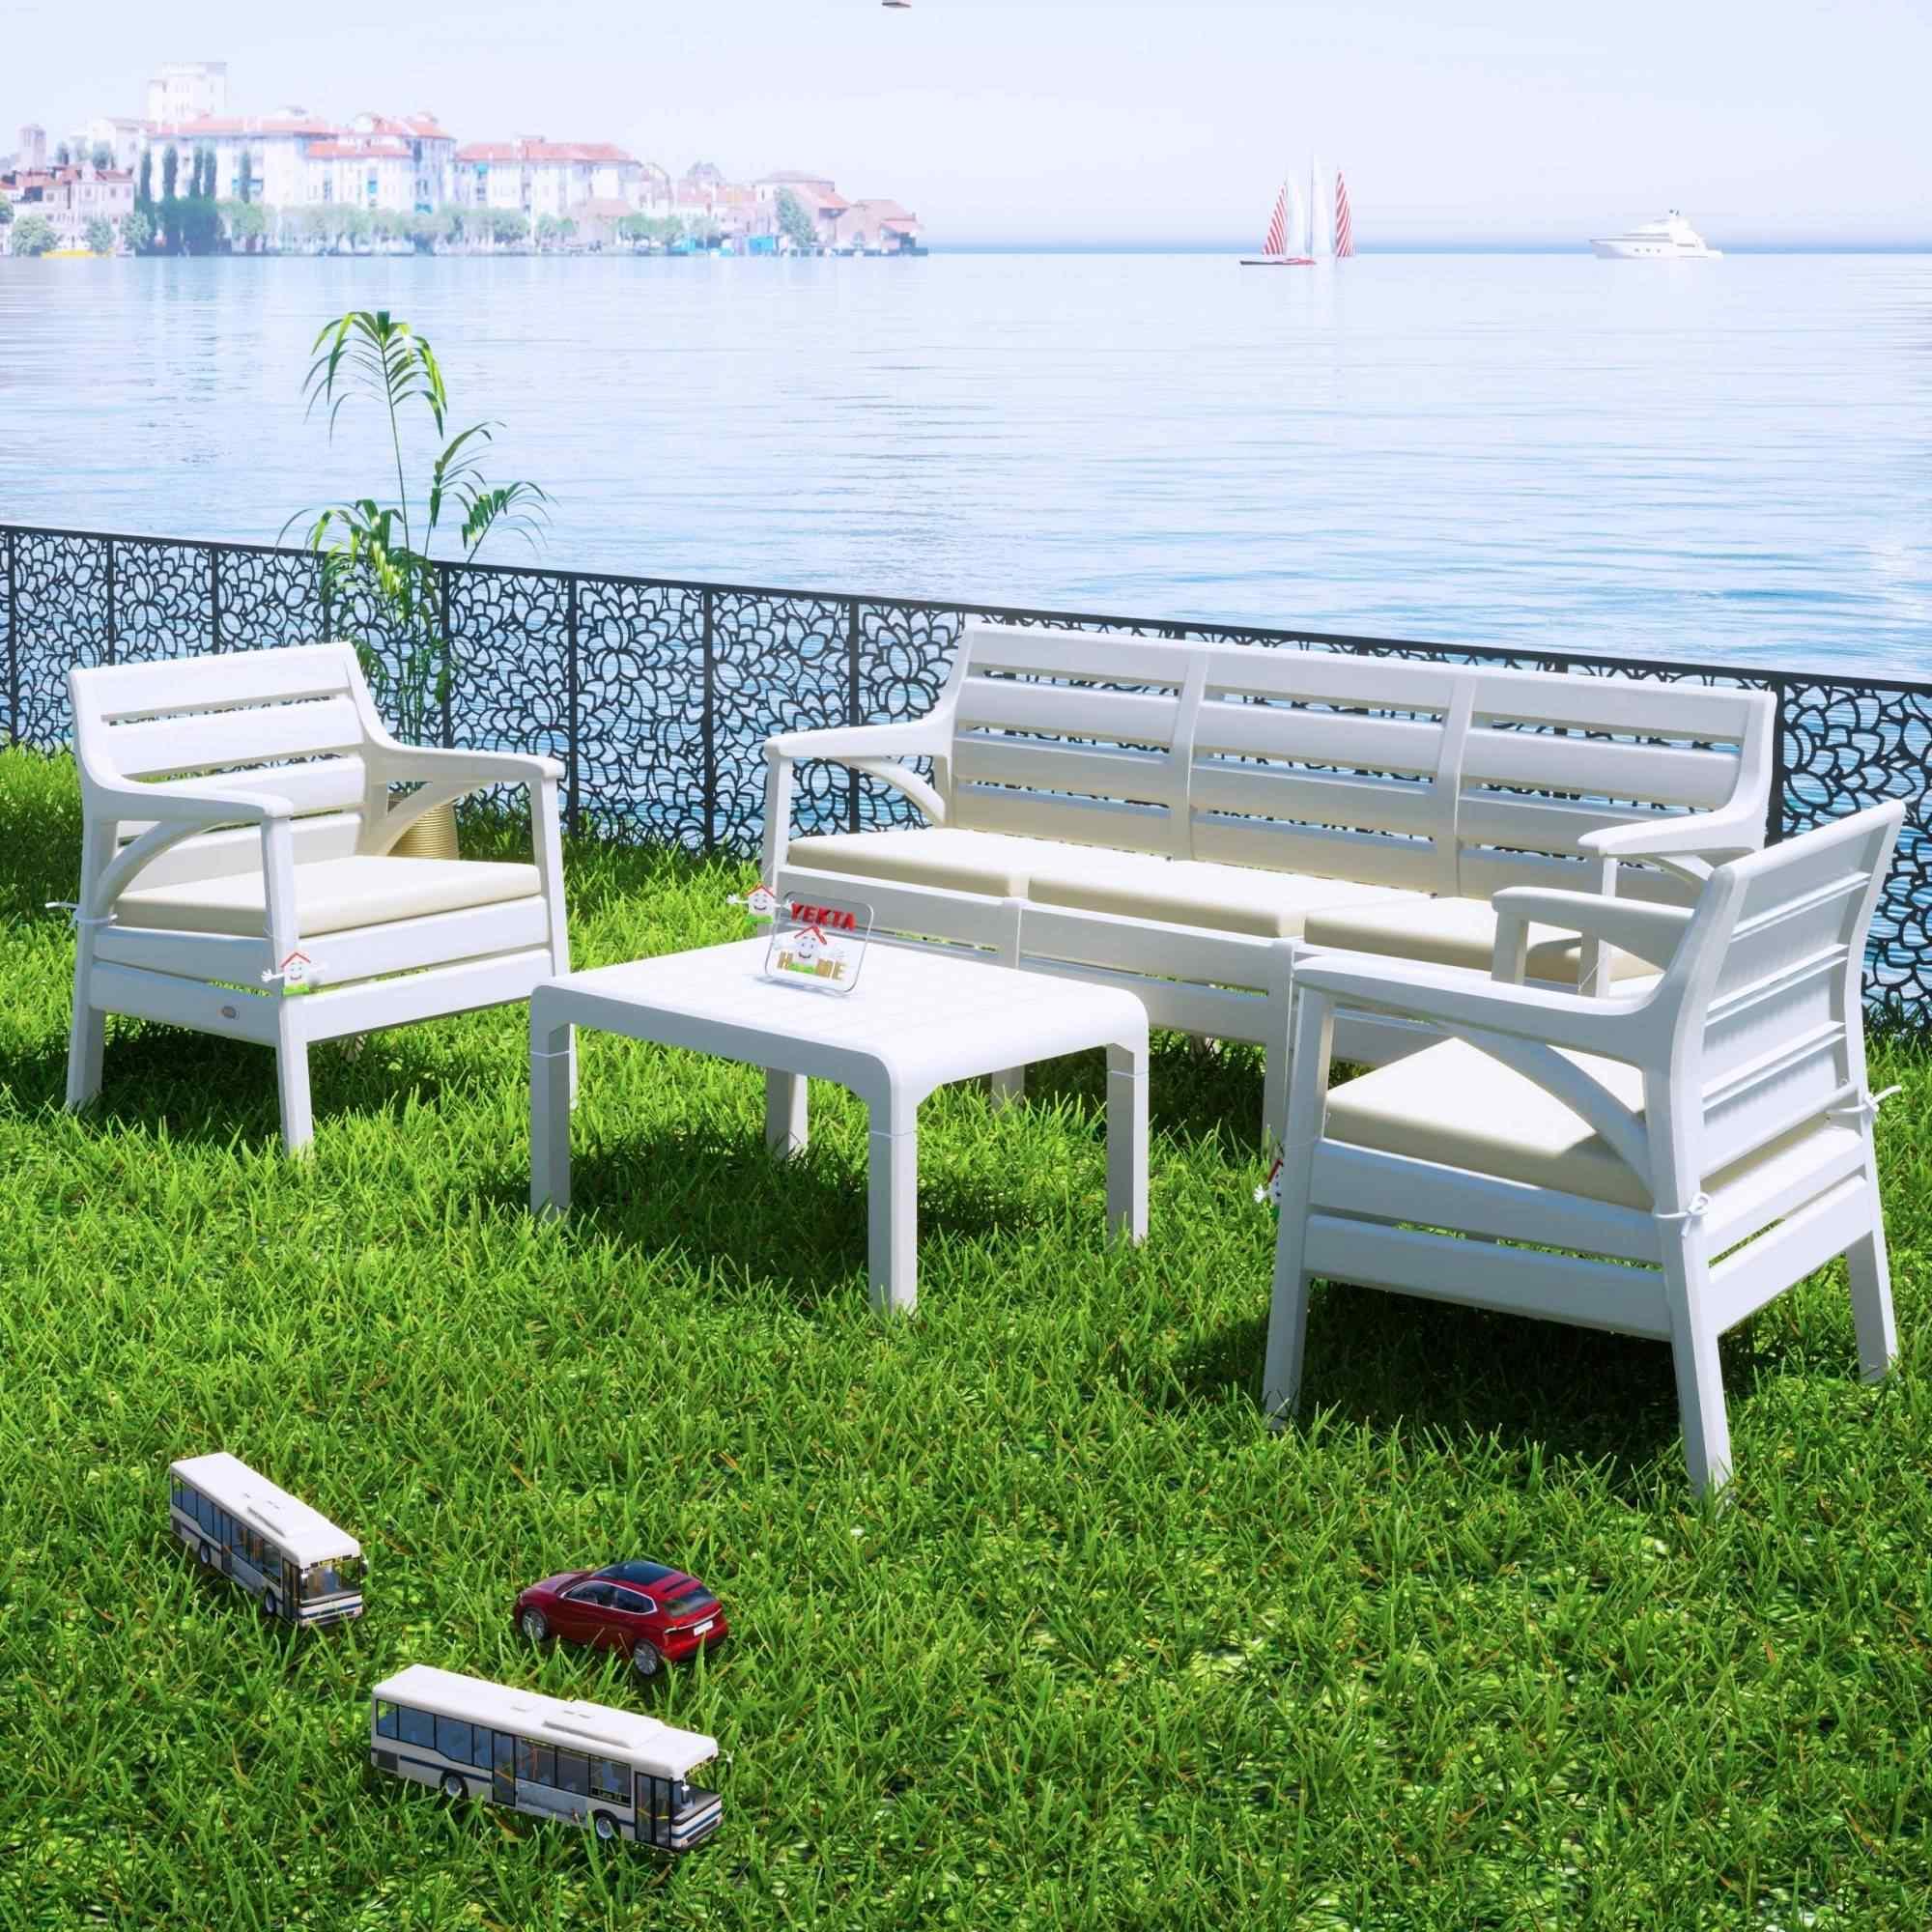 Holiday Hawaii Oturma Grubu Bahçe Ve Balkon Koltuk Takımı Beyaz